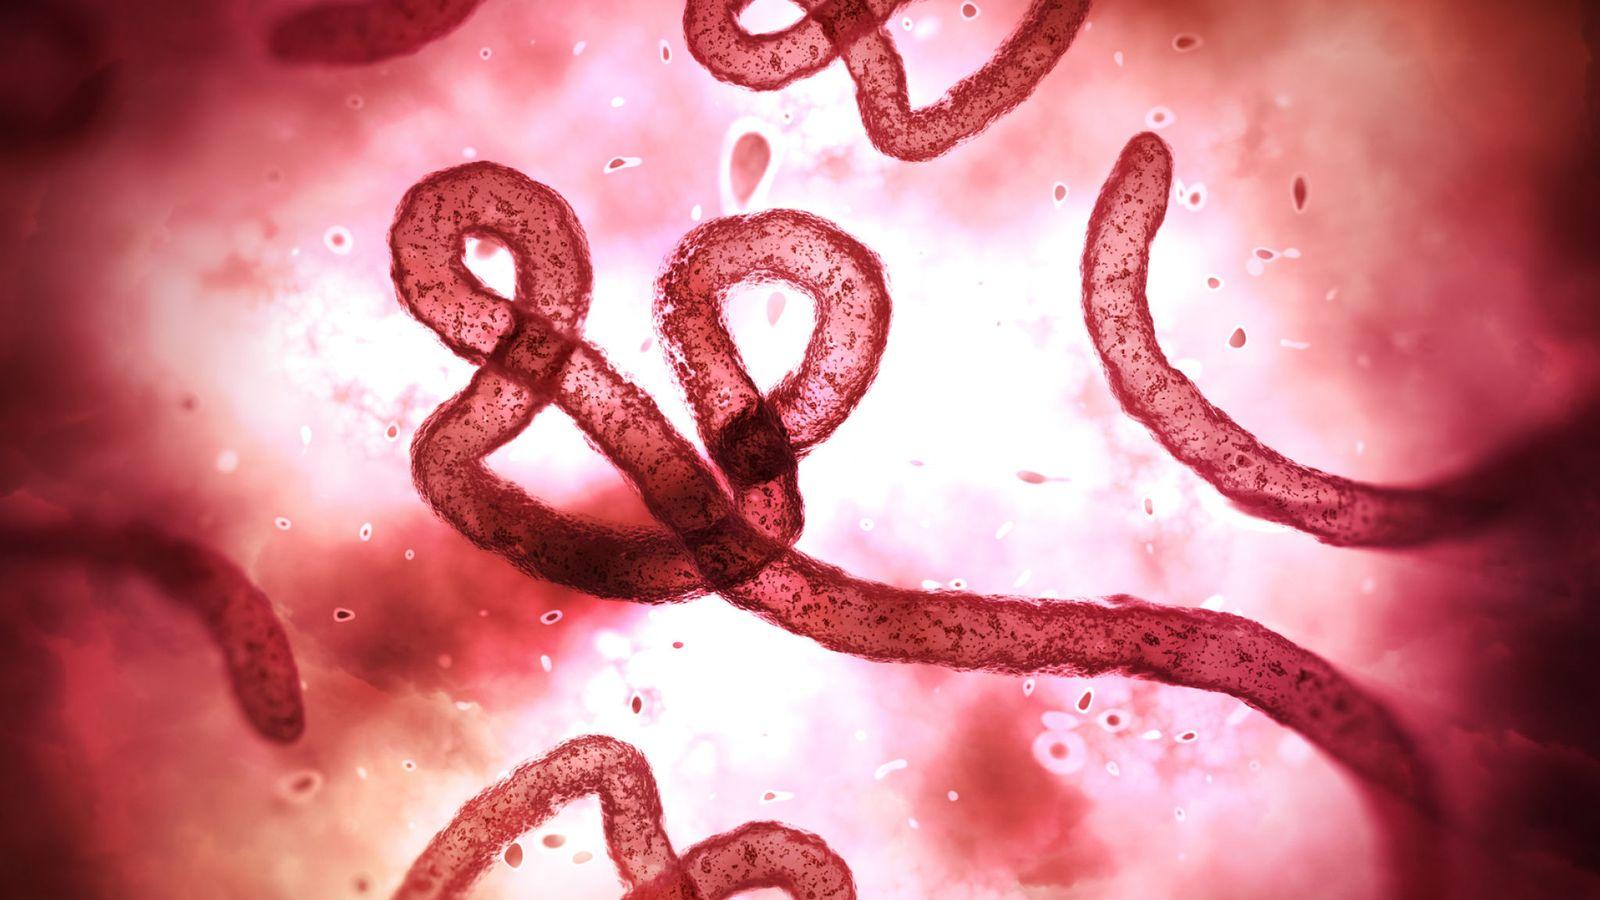 Le nombre de décès dus à des coronavirus dans le monde dépasse les 60 000 morts alors que Trump met en garde contre une `` semaine difficile '' à venir